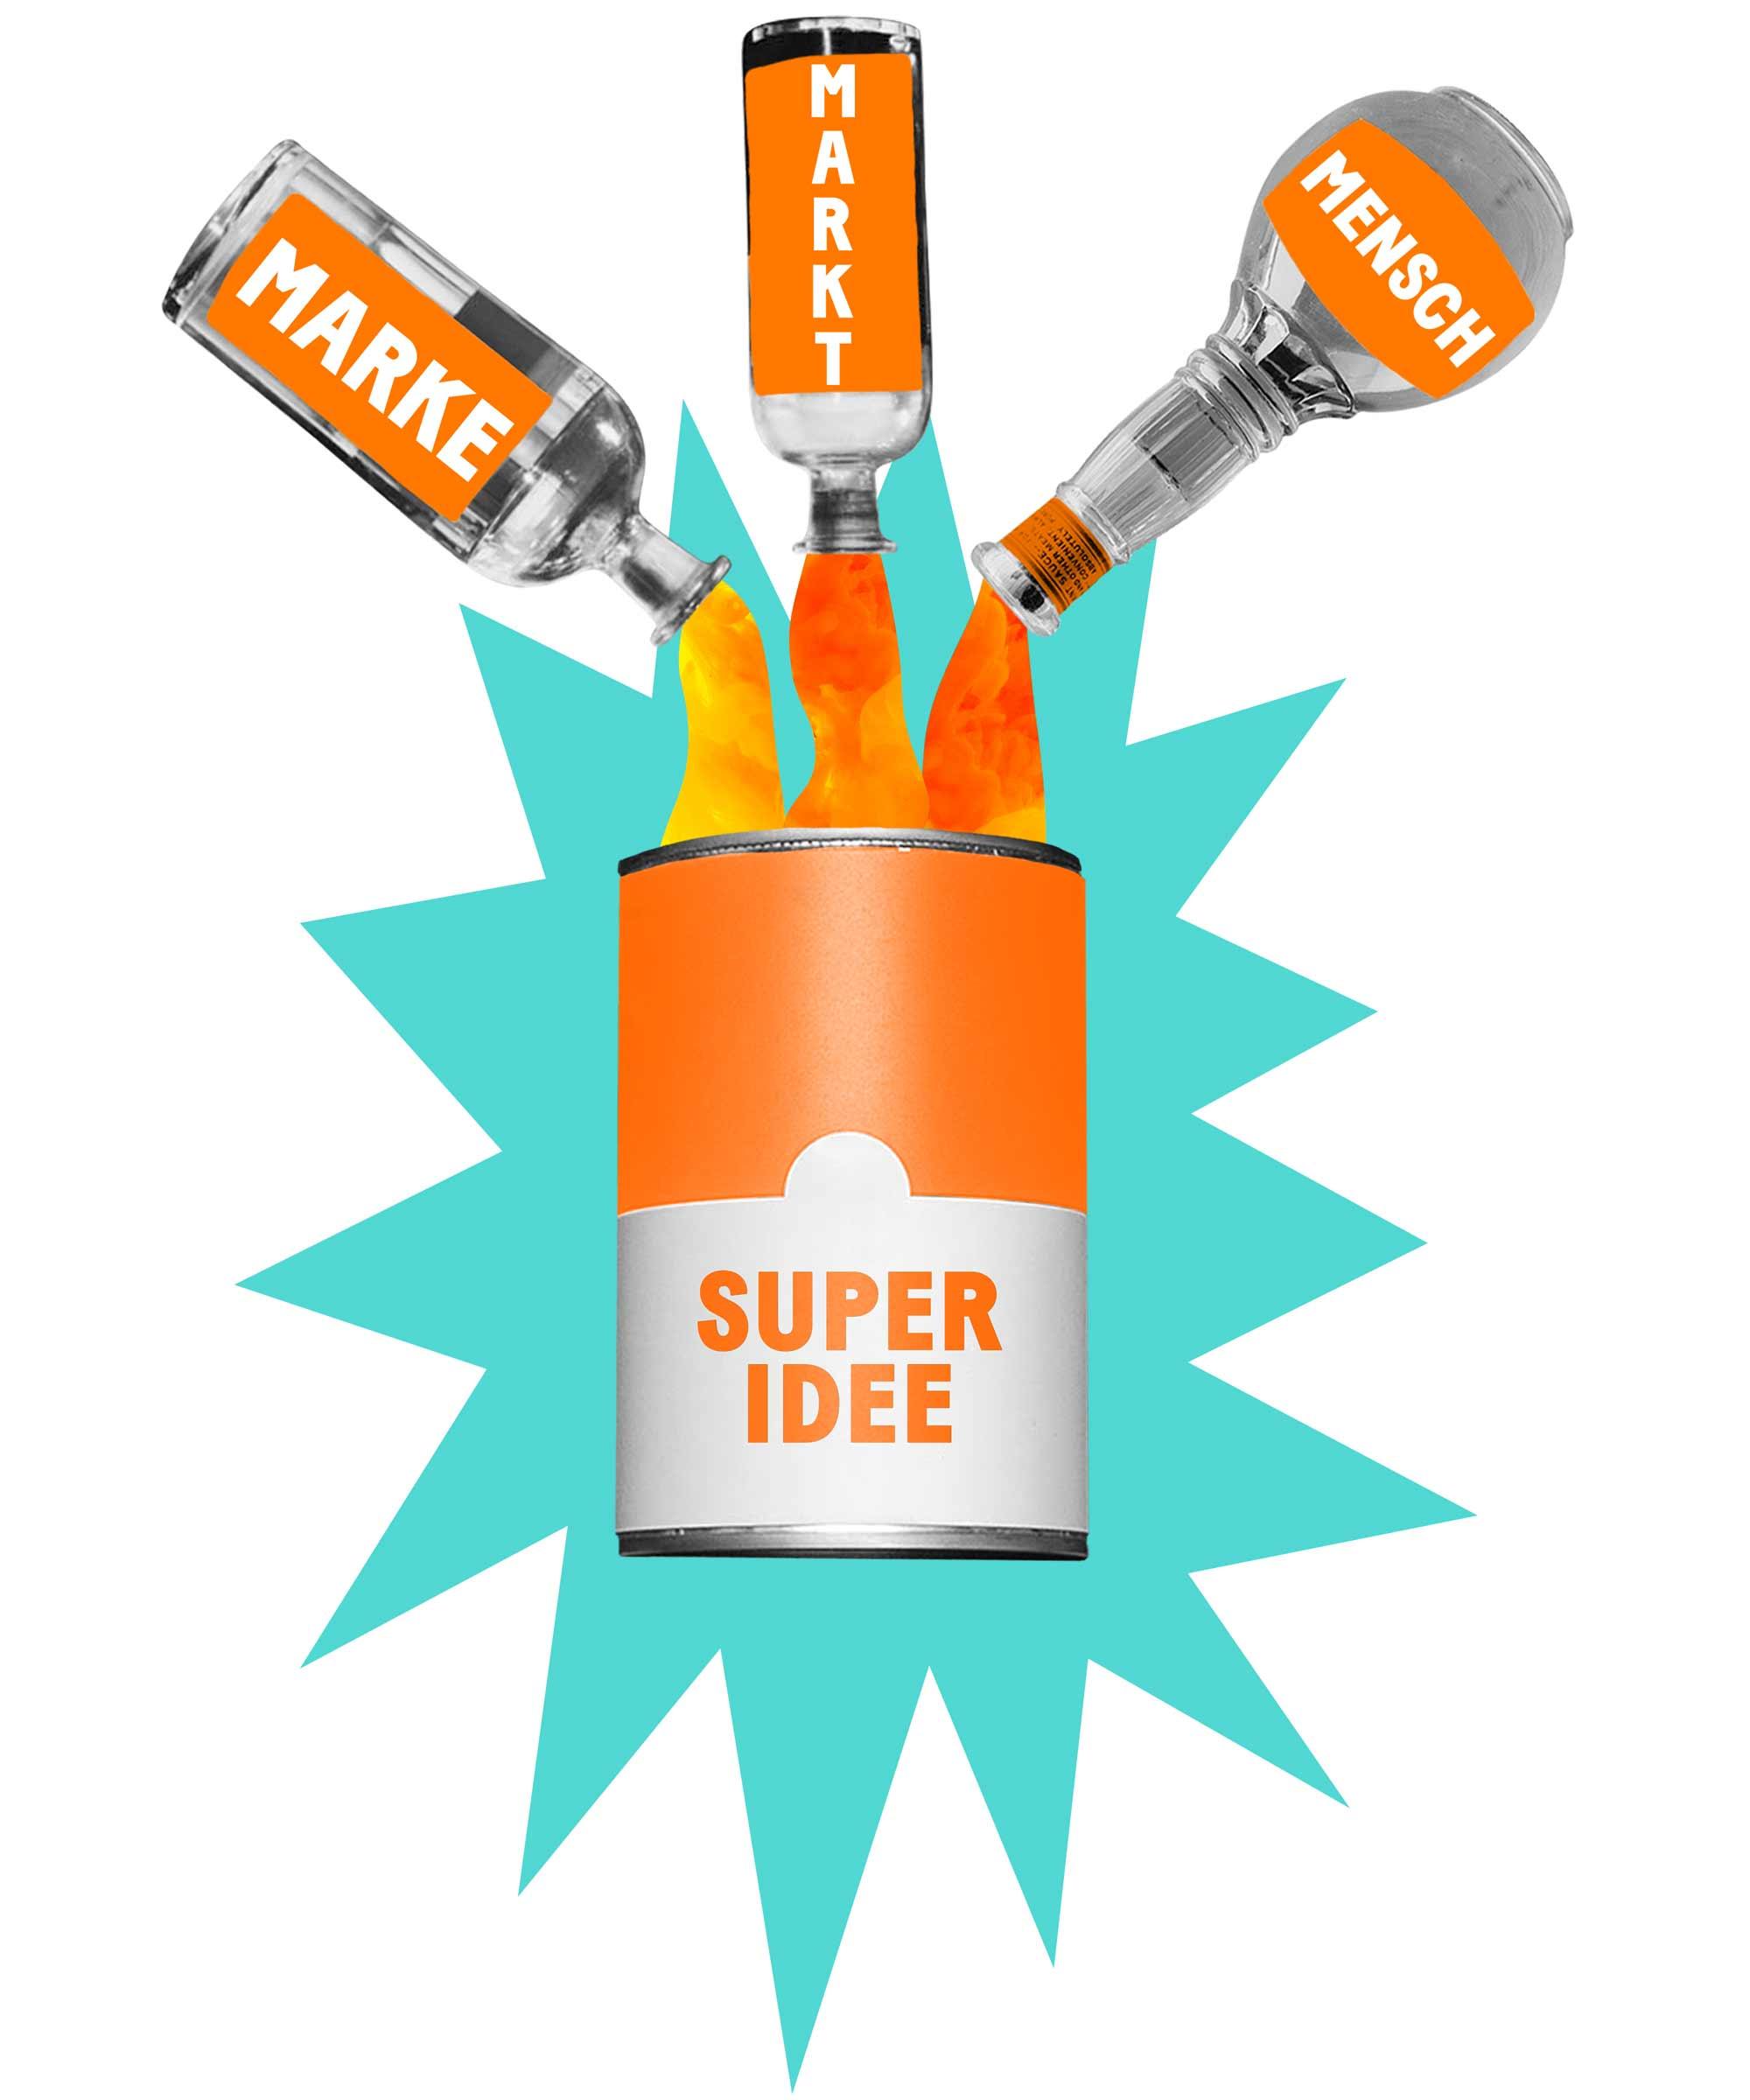 keyvisual-superidee-Creative-Planning-werbeagentur-und-marketing-oldenburg.jpg